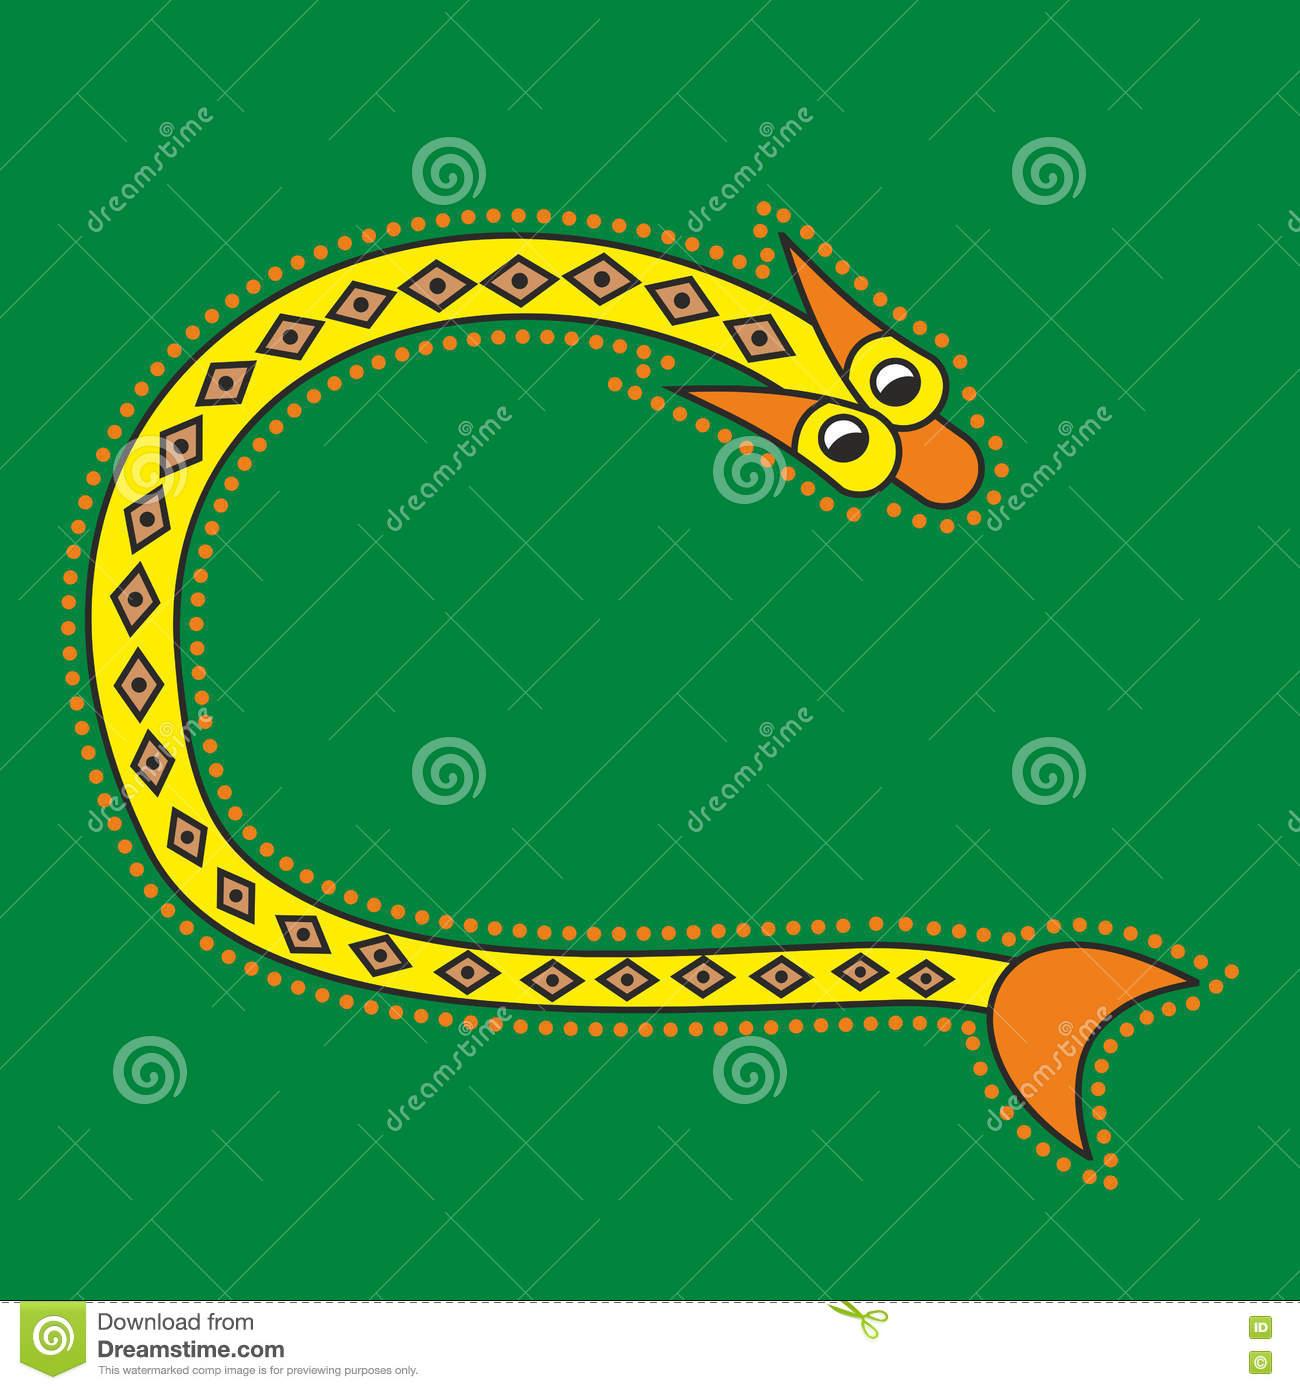 Dekorativer Anfangsbuchstabe C Als Schlange Vektor Abbildung über Tier Mit C Als Anfangsbuchstabe